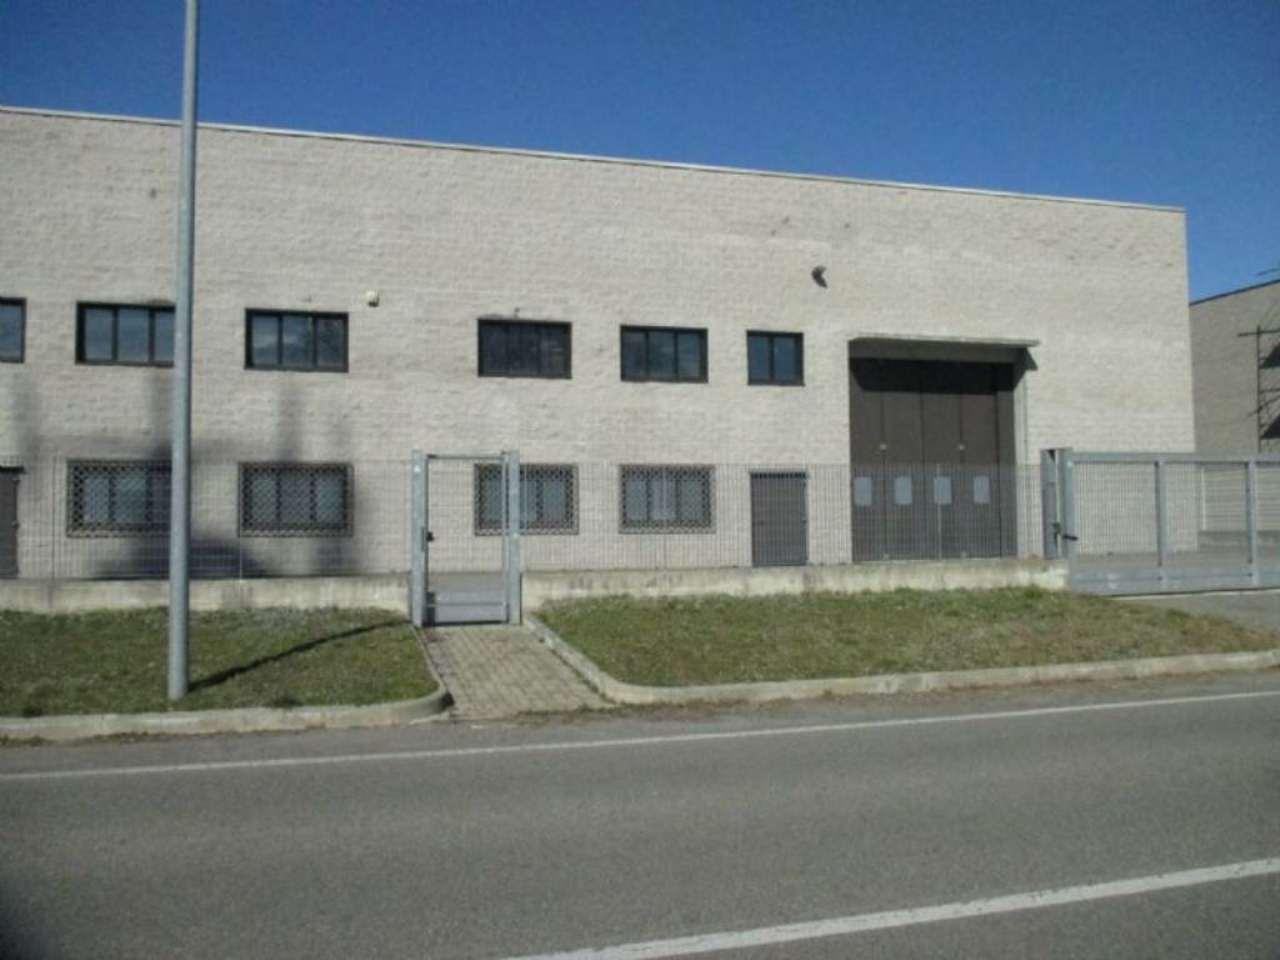 Immagine immobiliare capannone industriale A Borgaro, nella nuova zona industriale PIP di via Mappano in posizione strategica, comodissima alla superstrada dell'aeroporto e alla tangenziale di Torino, AFFITTIAMO capannone industriale come nuovo, adoperato...